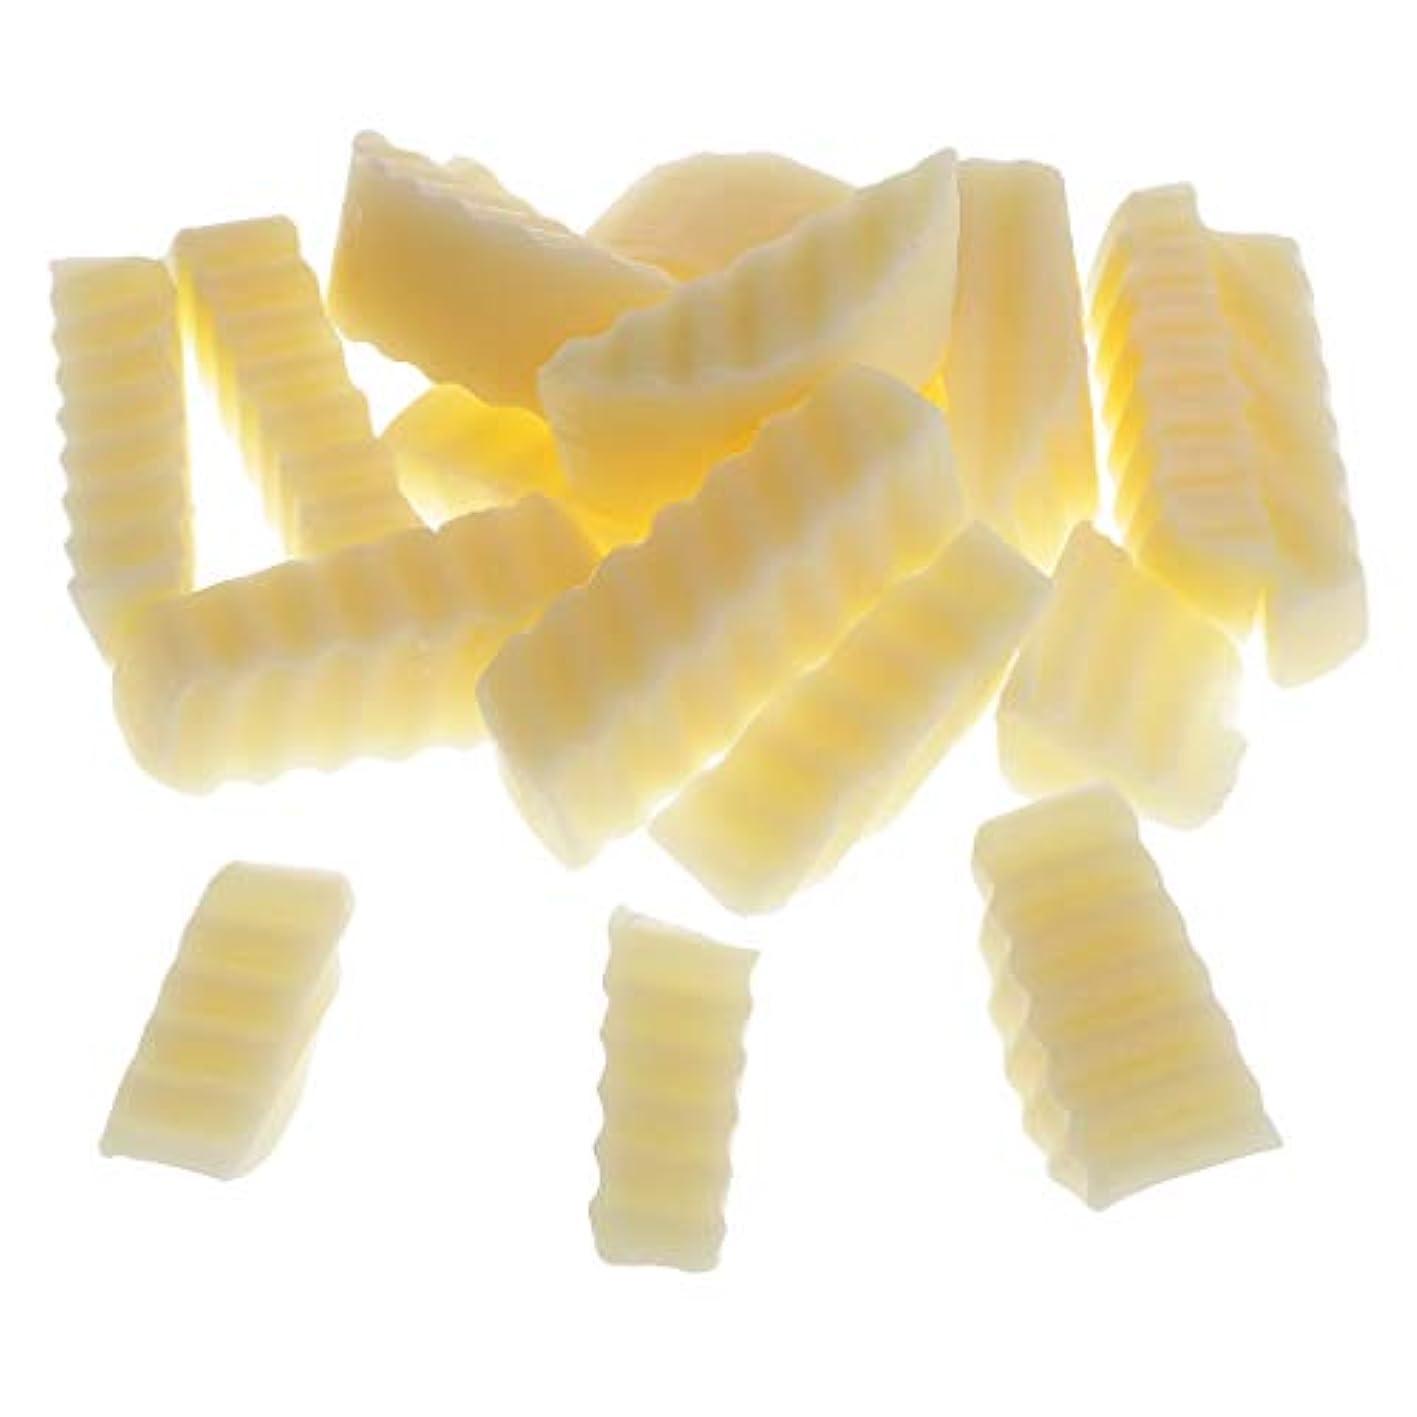 家事冬除外するFLAMEER ラノリン石鹸 自然な素材 DIY手作り 石鹸 固形せっけん 約250g /パック 高品質